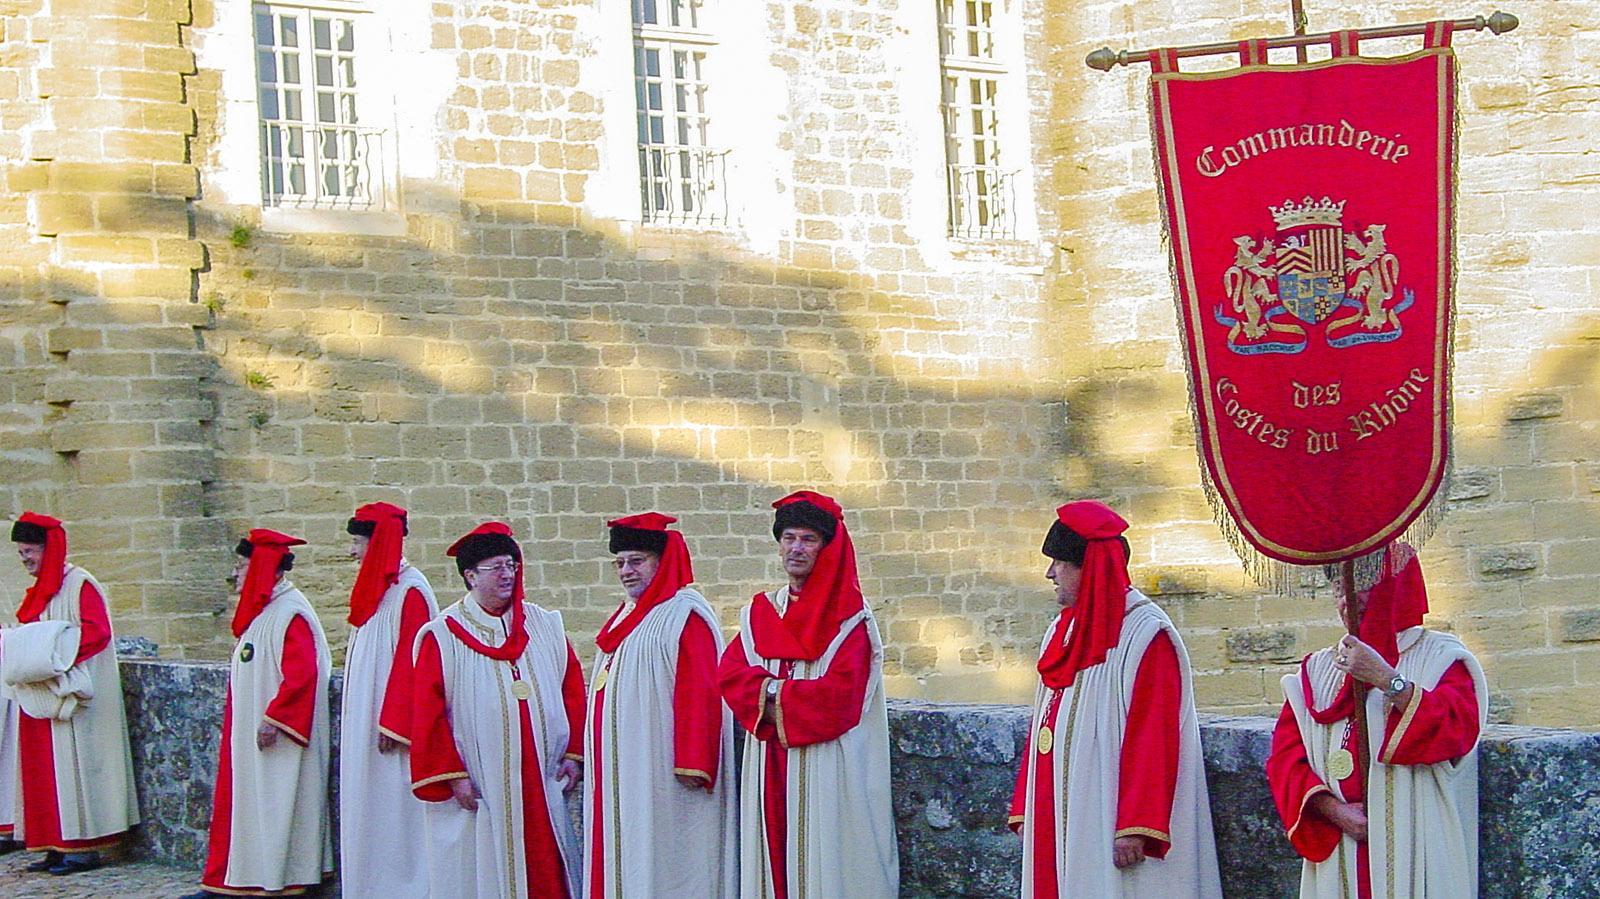 Die Weinbrüderschaft der Côtes du Rhône bei ihrem Treffen auf dem Burgschloss von Suze-la-Rousse. Foto: Hilke Maunder